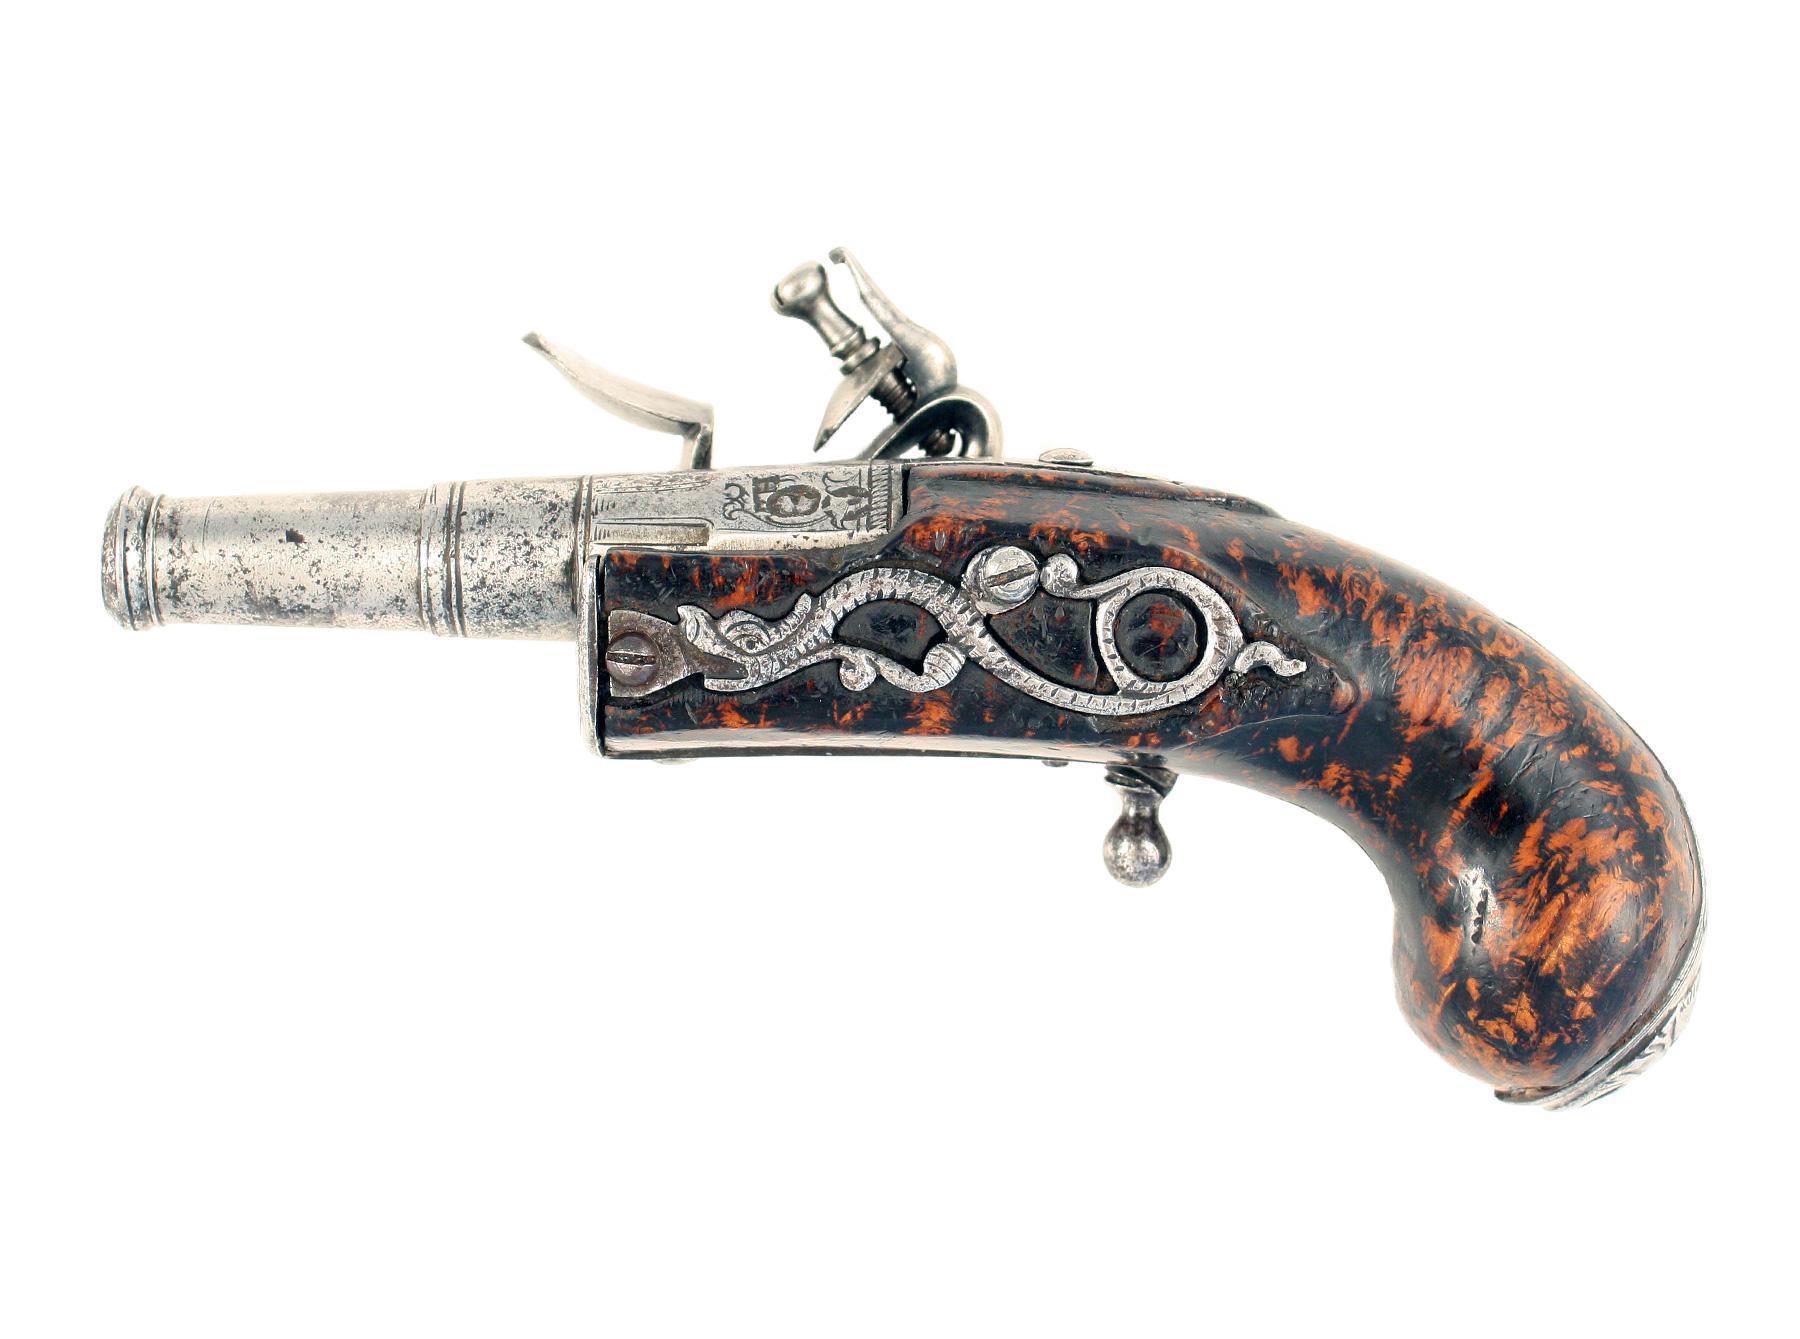 An Early Flintlock Pistol by Heasler